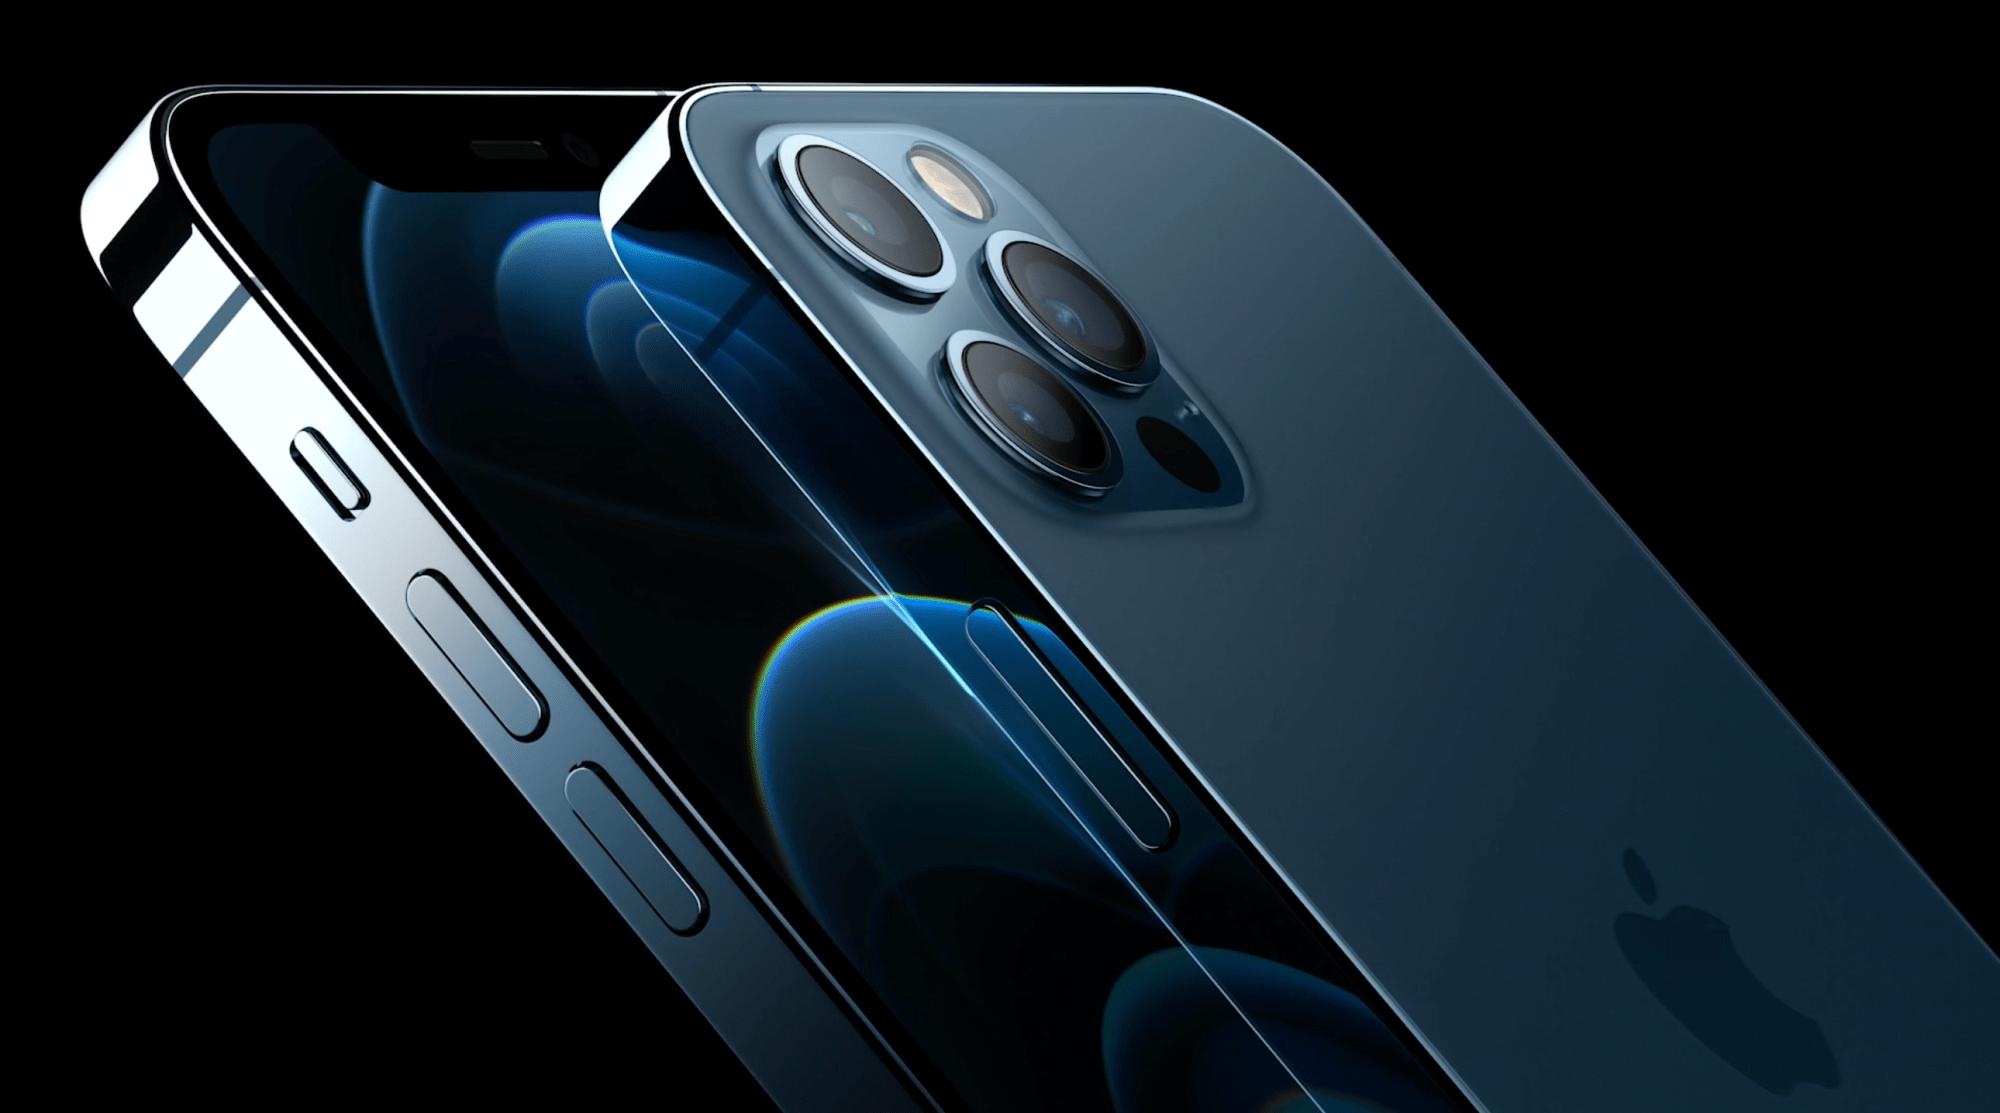 iPhone 12 Pro и Pro Max - флагманские устройства от Apple ценой более 100 тысяч рублей